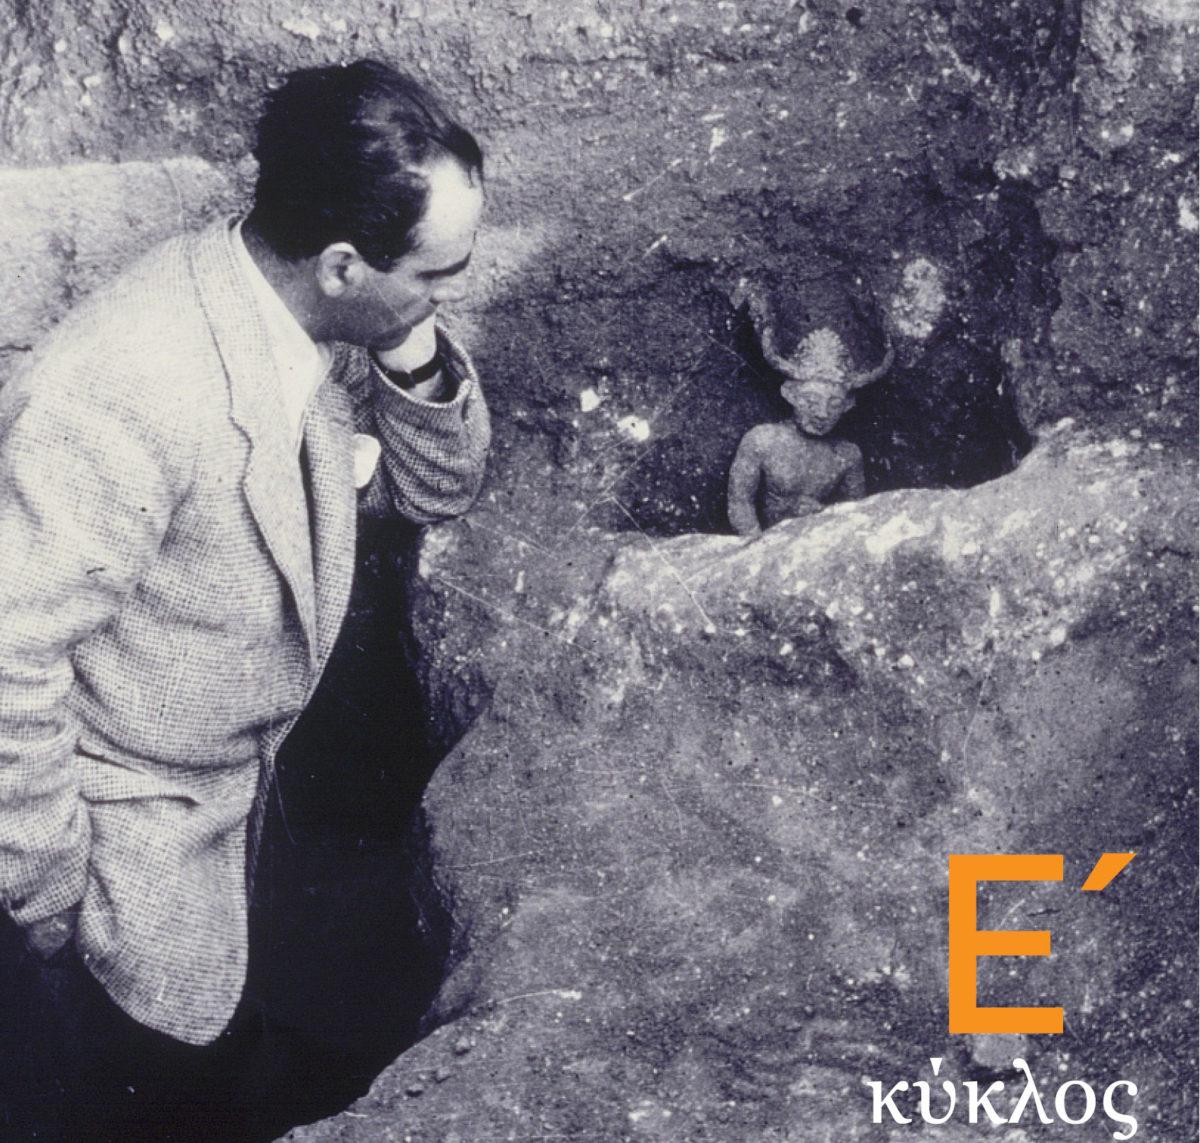 Ο Πορφύριος Δίκαιος αποκαλύπτει τον «κερασφόρο θεό», Έγκωμη, Κύπρος. © Τμήμα Αρχαιοτήτων Κύπρου.